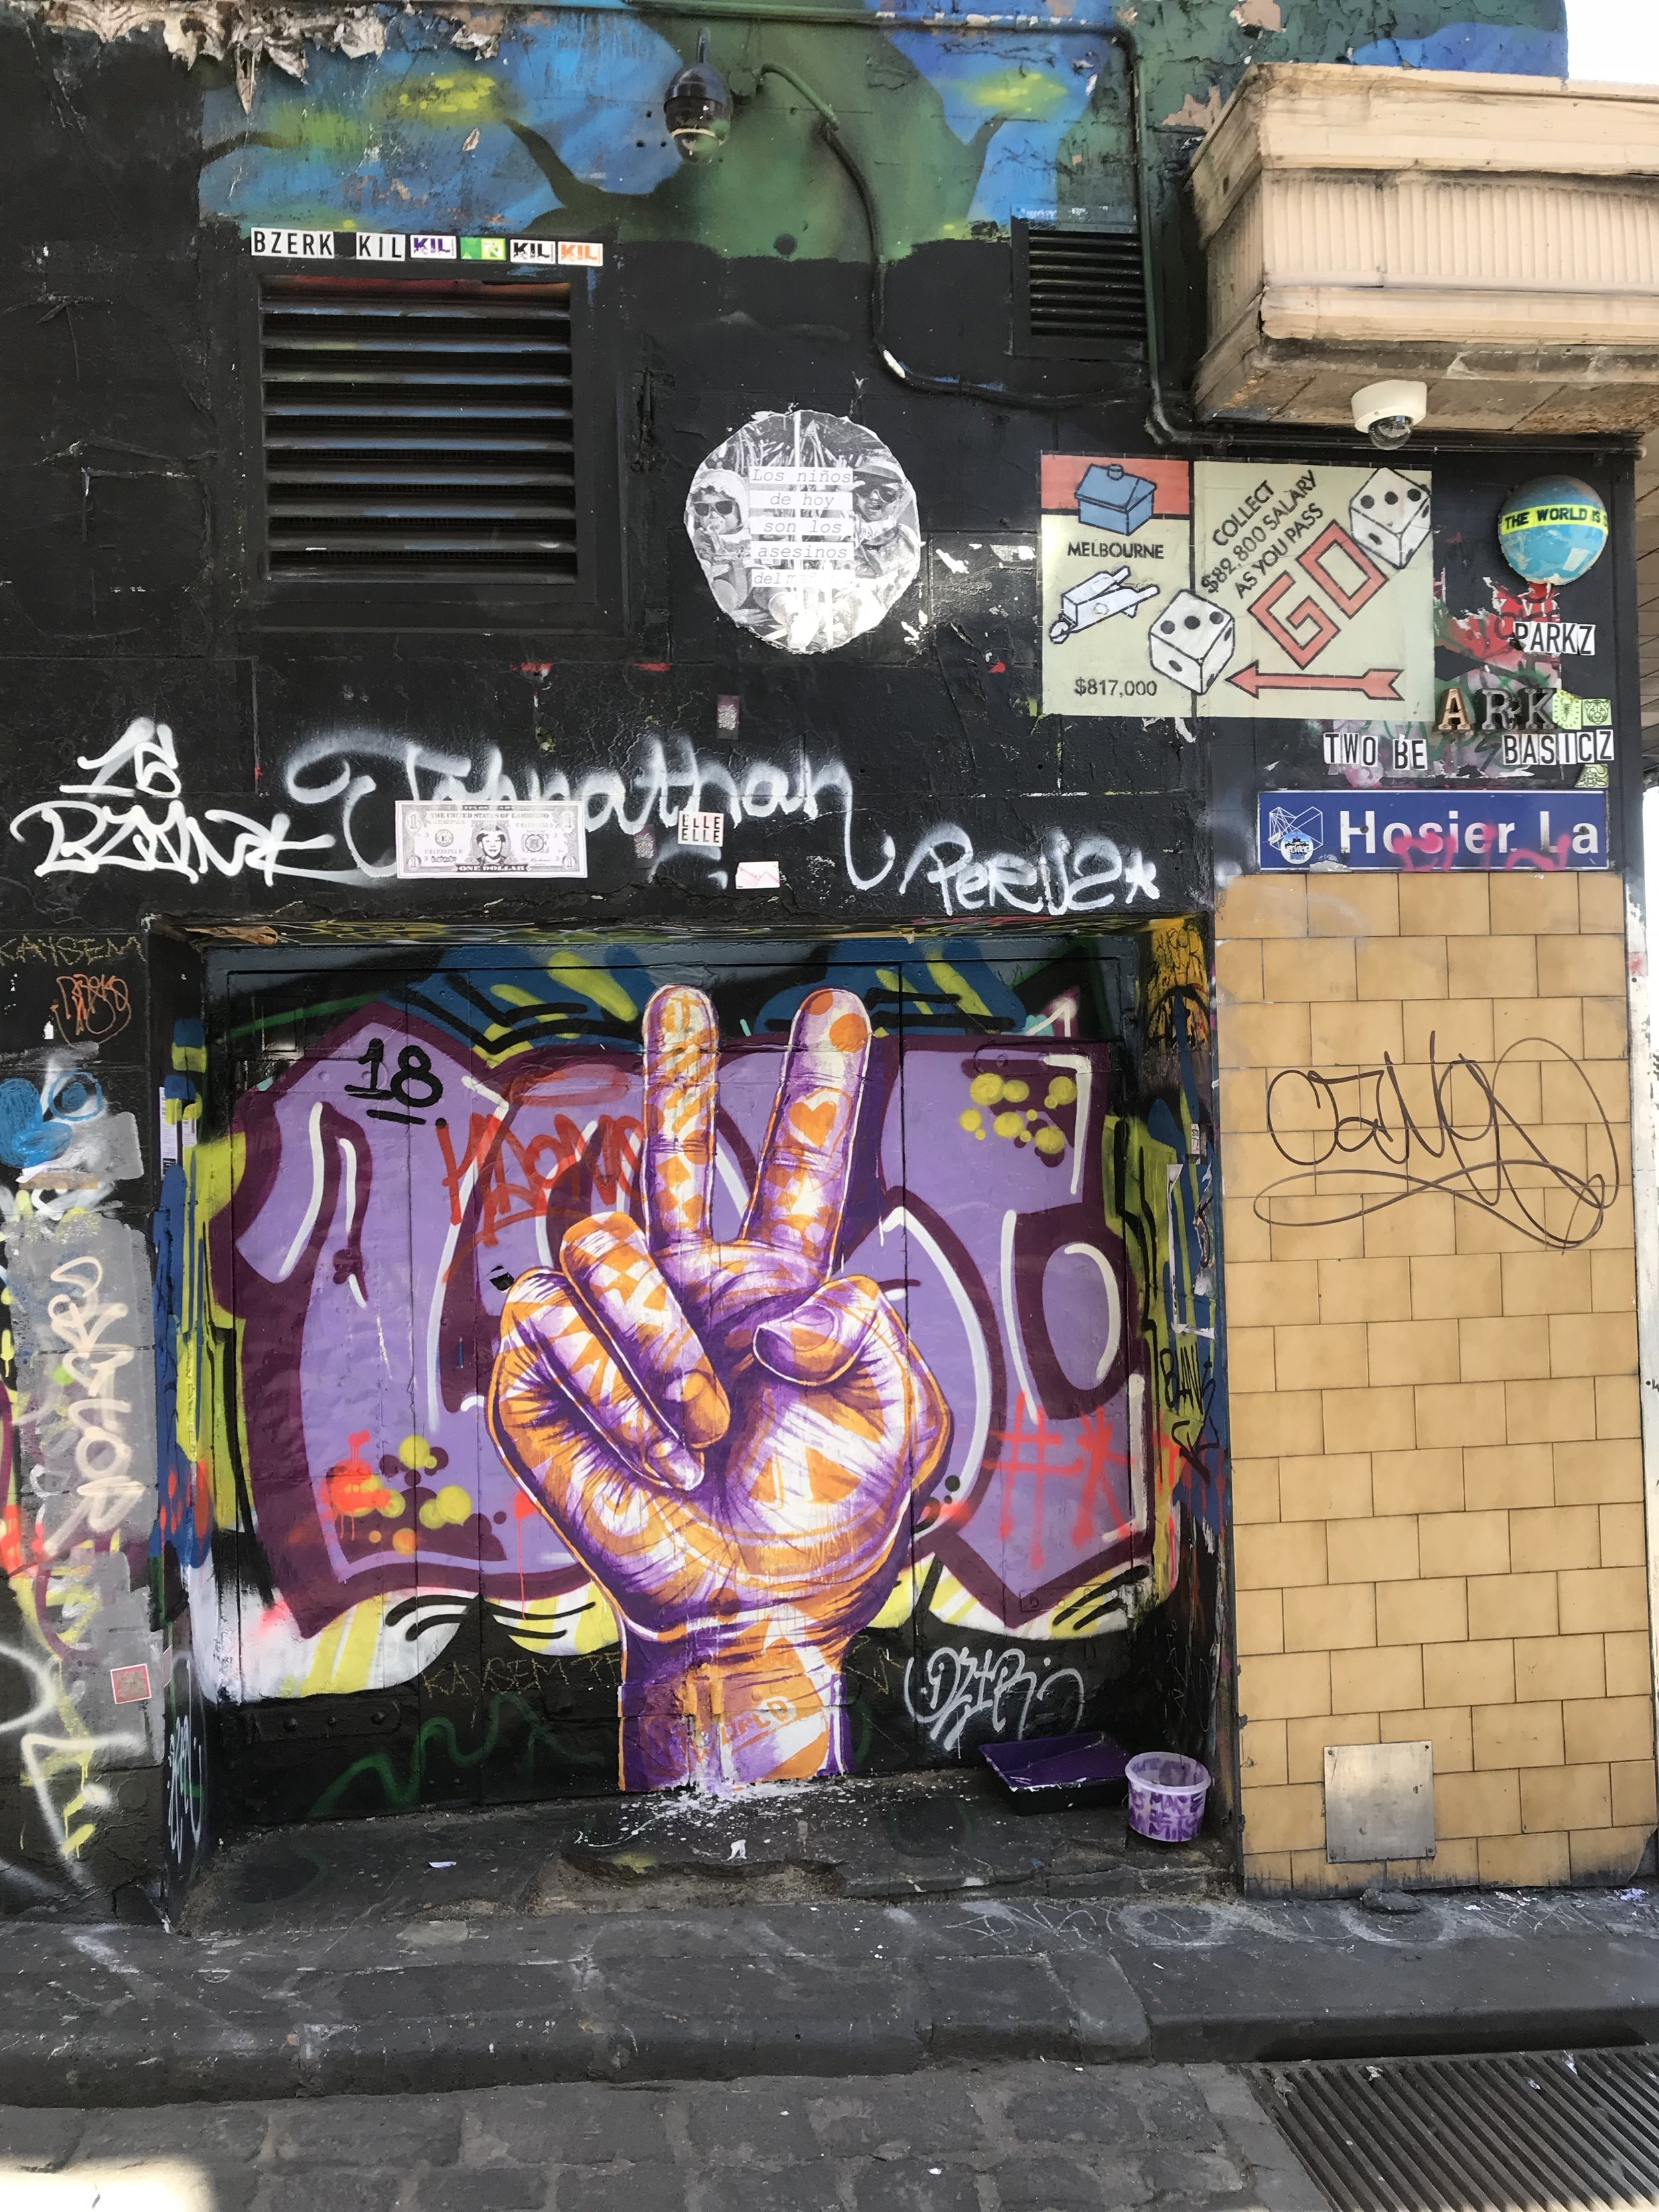 Melbourne, Australia on Hosier Lane by Kyle Holbrook